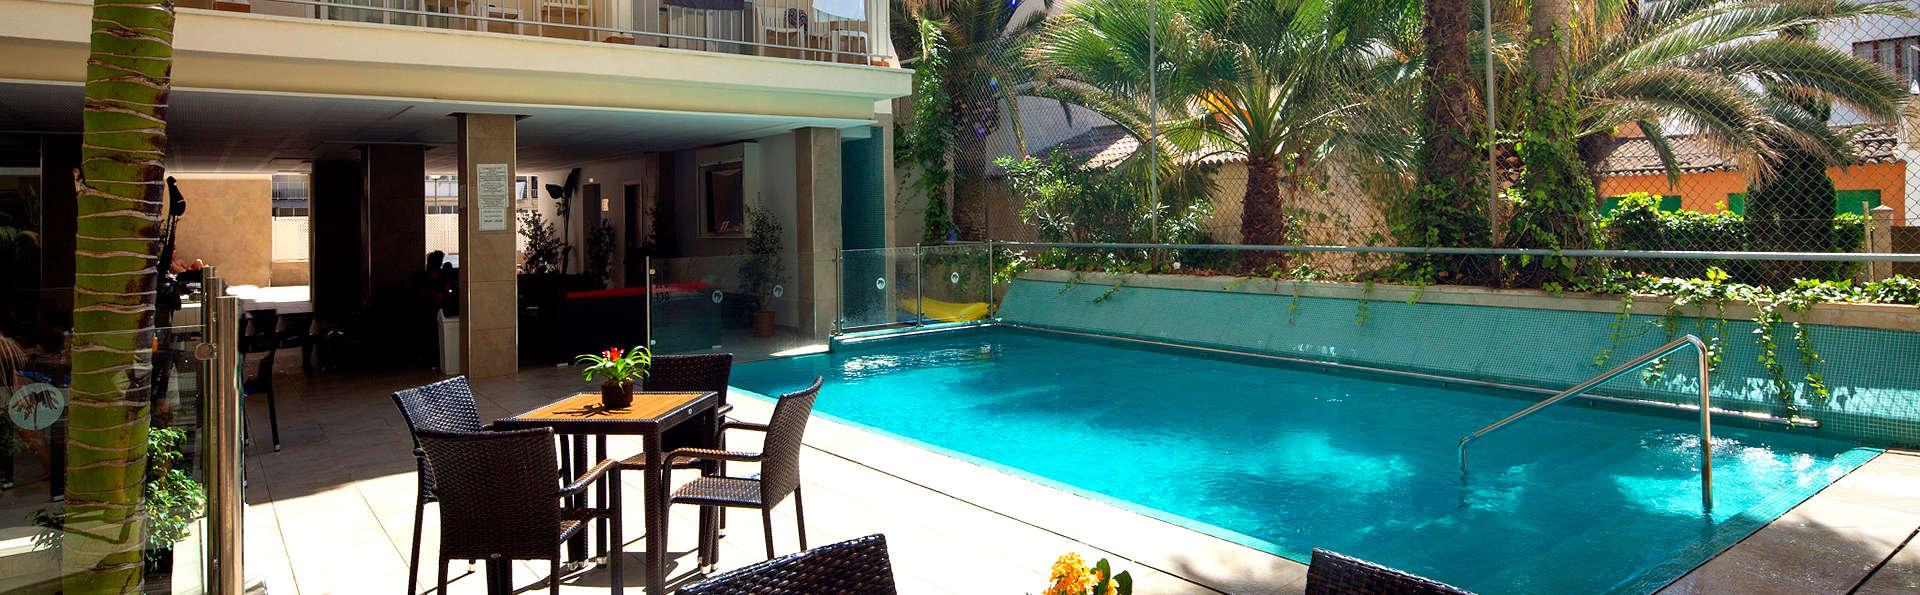 Évadez-vous dans un bel hôtel sur la plage de S'Arenal